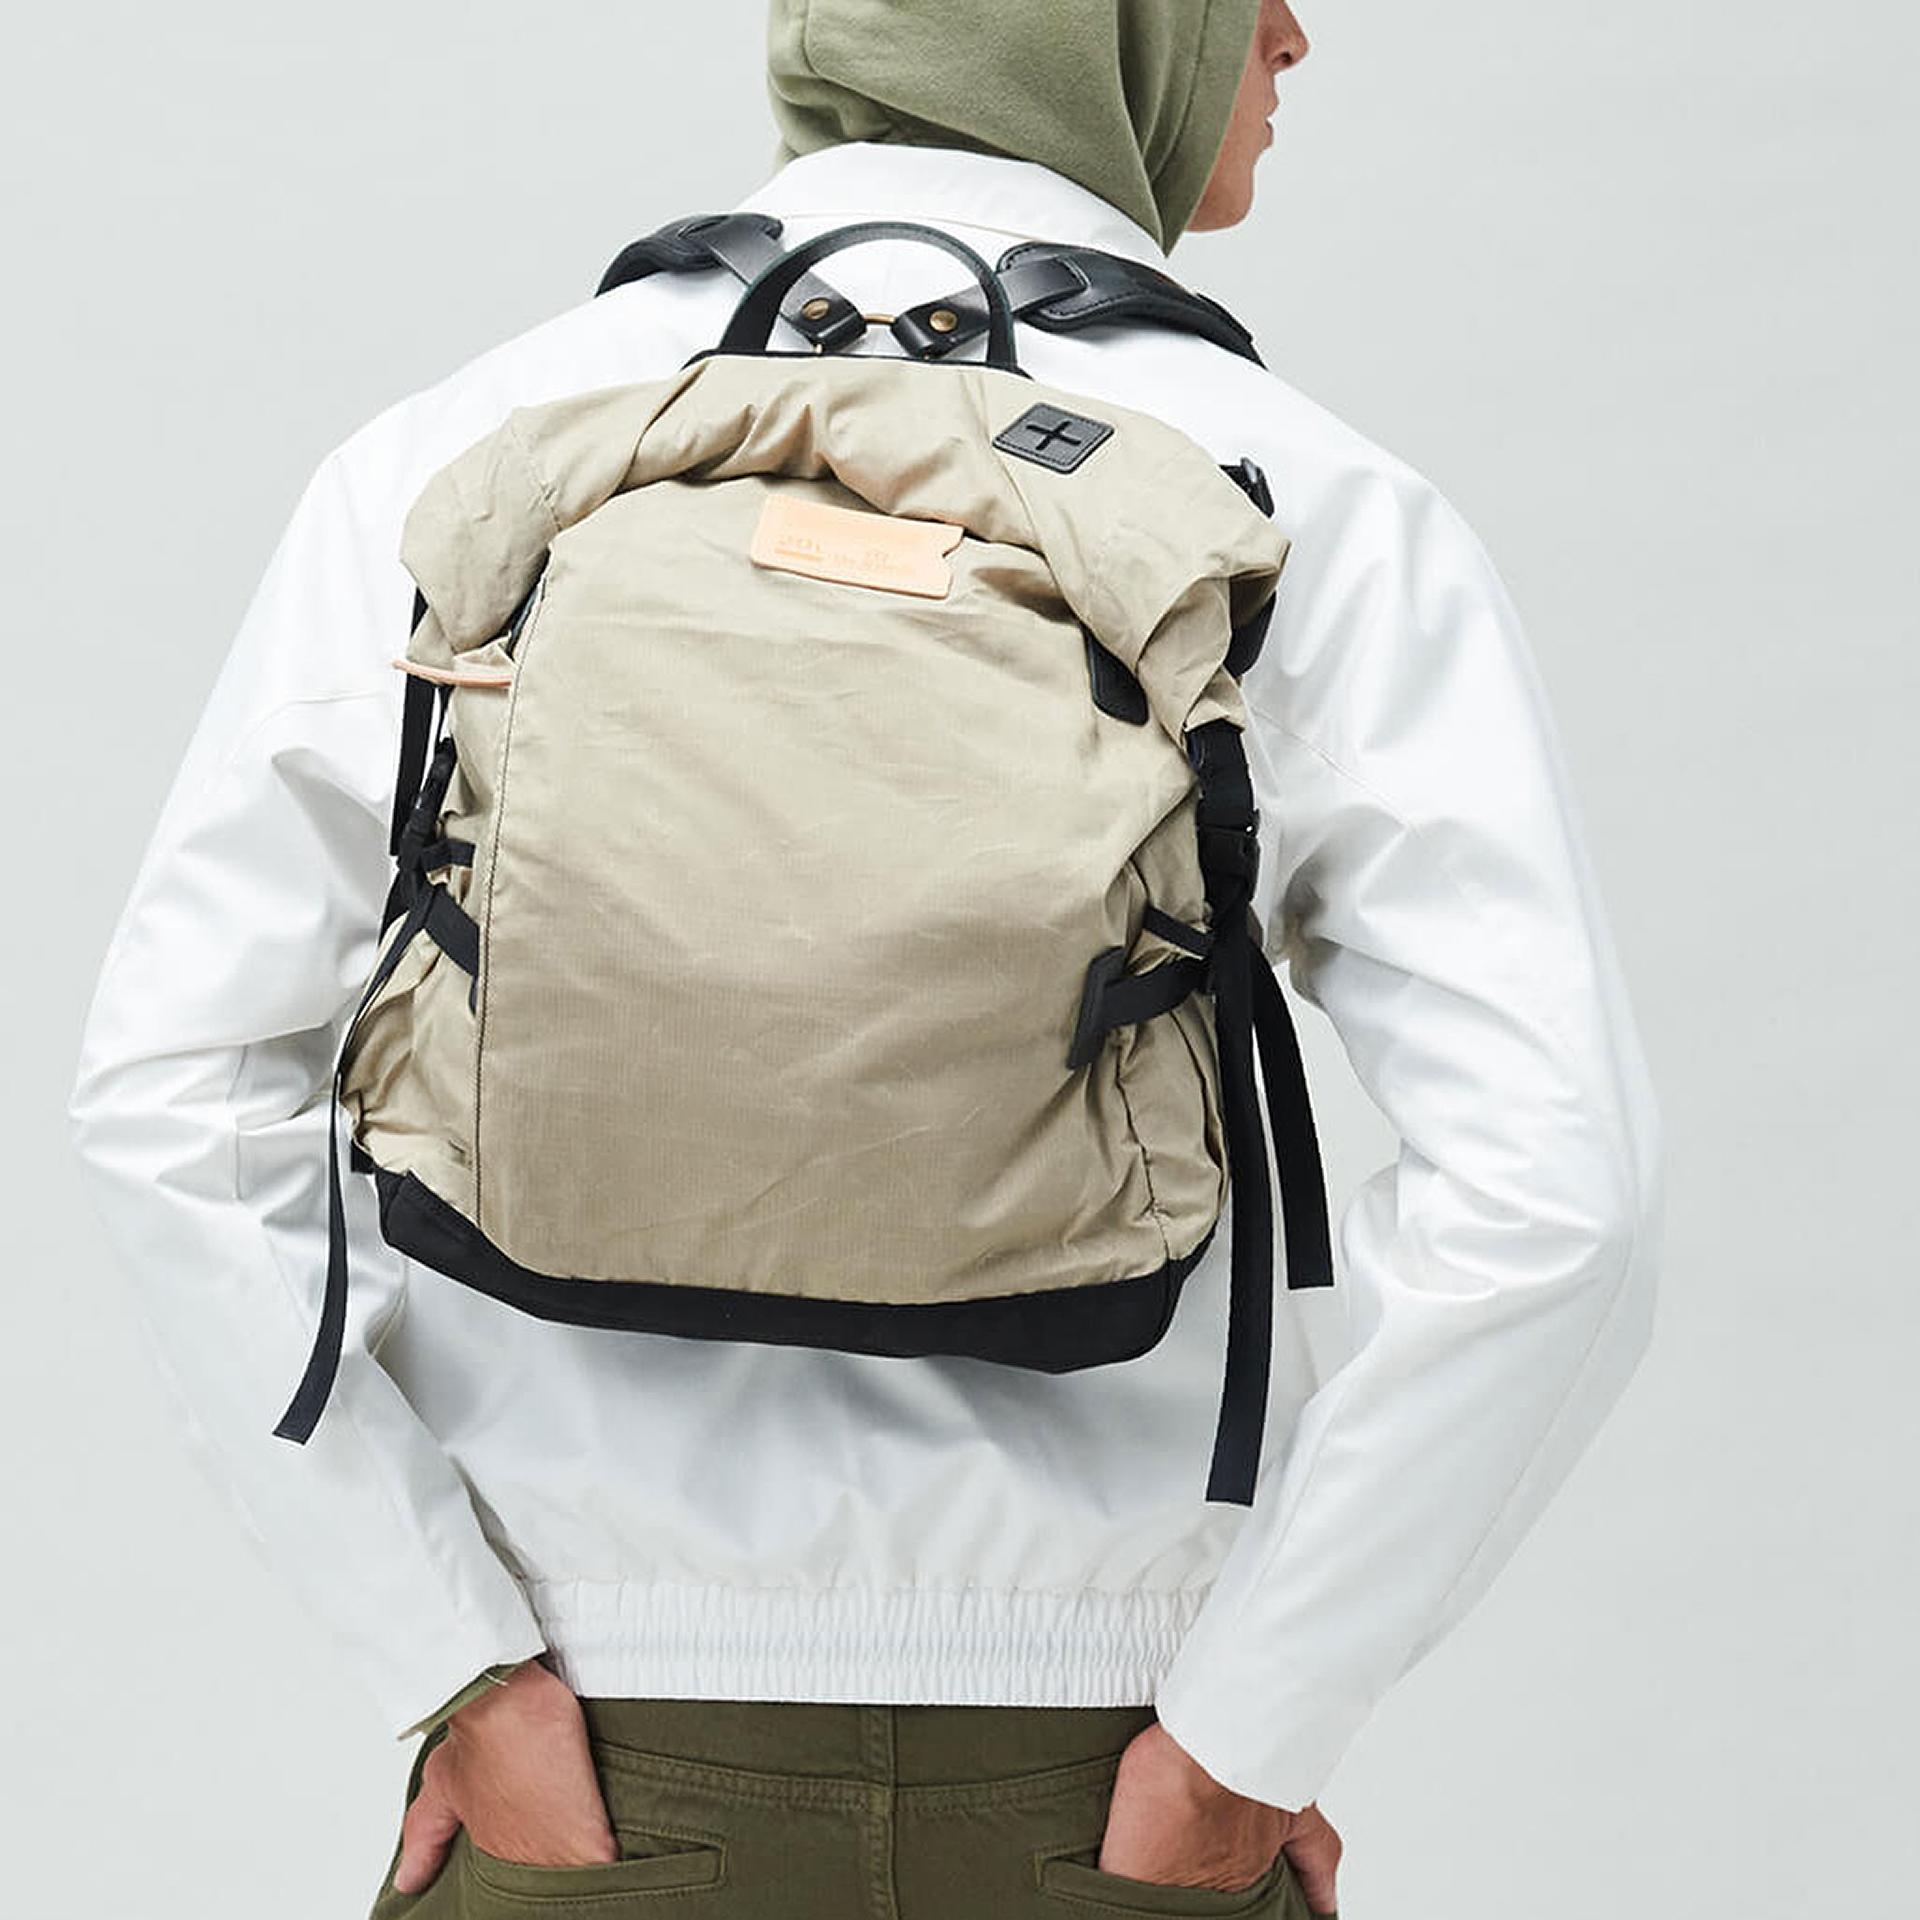 20L Basile Backpack - Beige (image n°6)